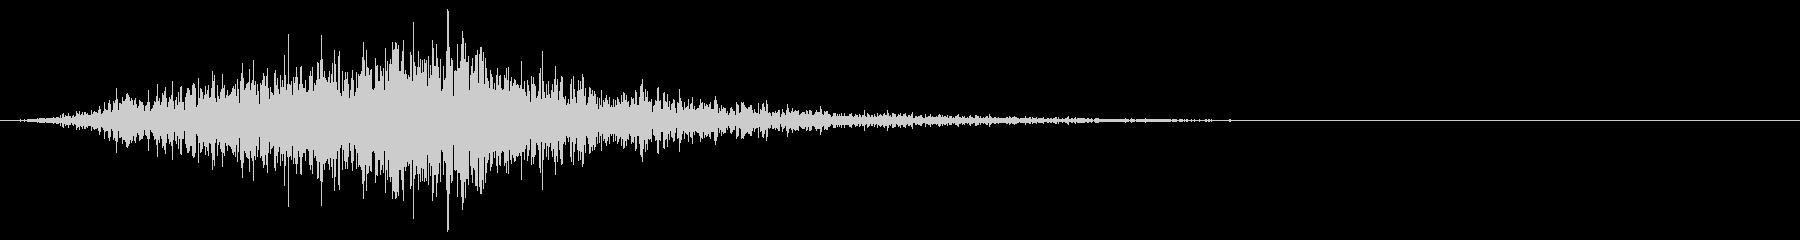 シューッという音EC07_90_1 2の未再生の波形